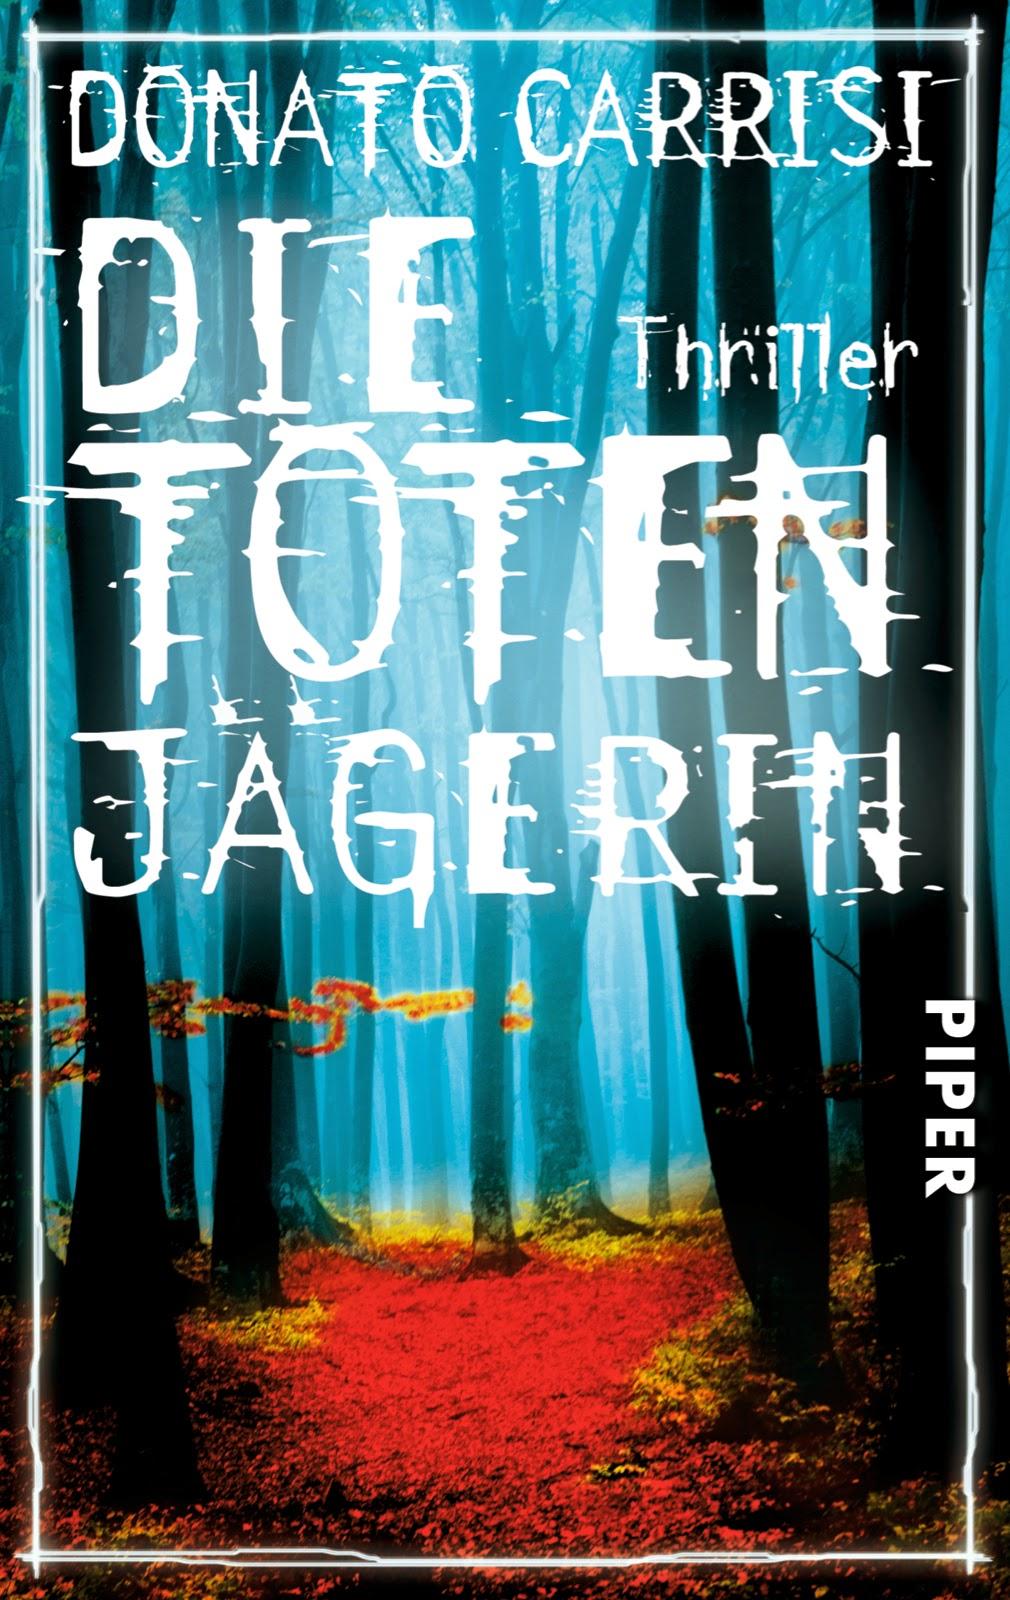 http://berlinerbuecherjunkie.blogspot.de/2014/06/die-totenjagerin-von-conato-carrisi.html